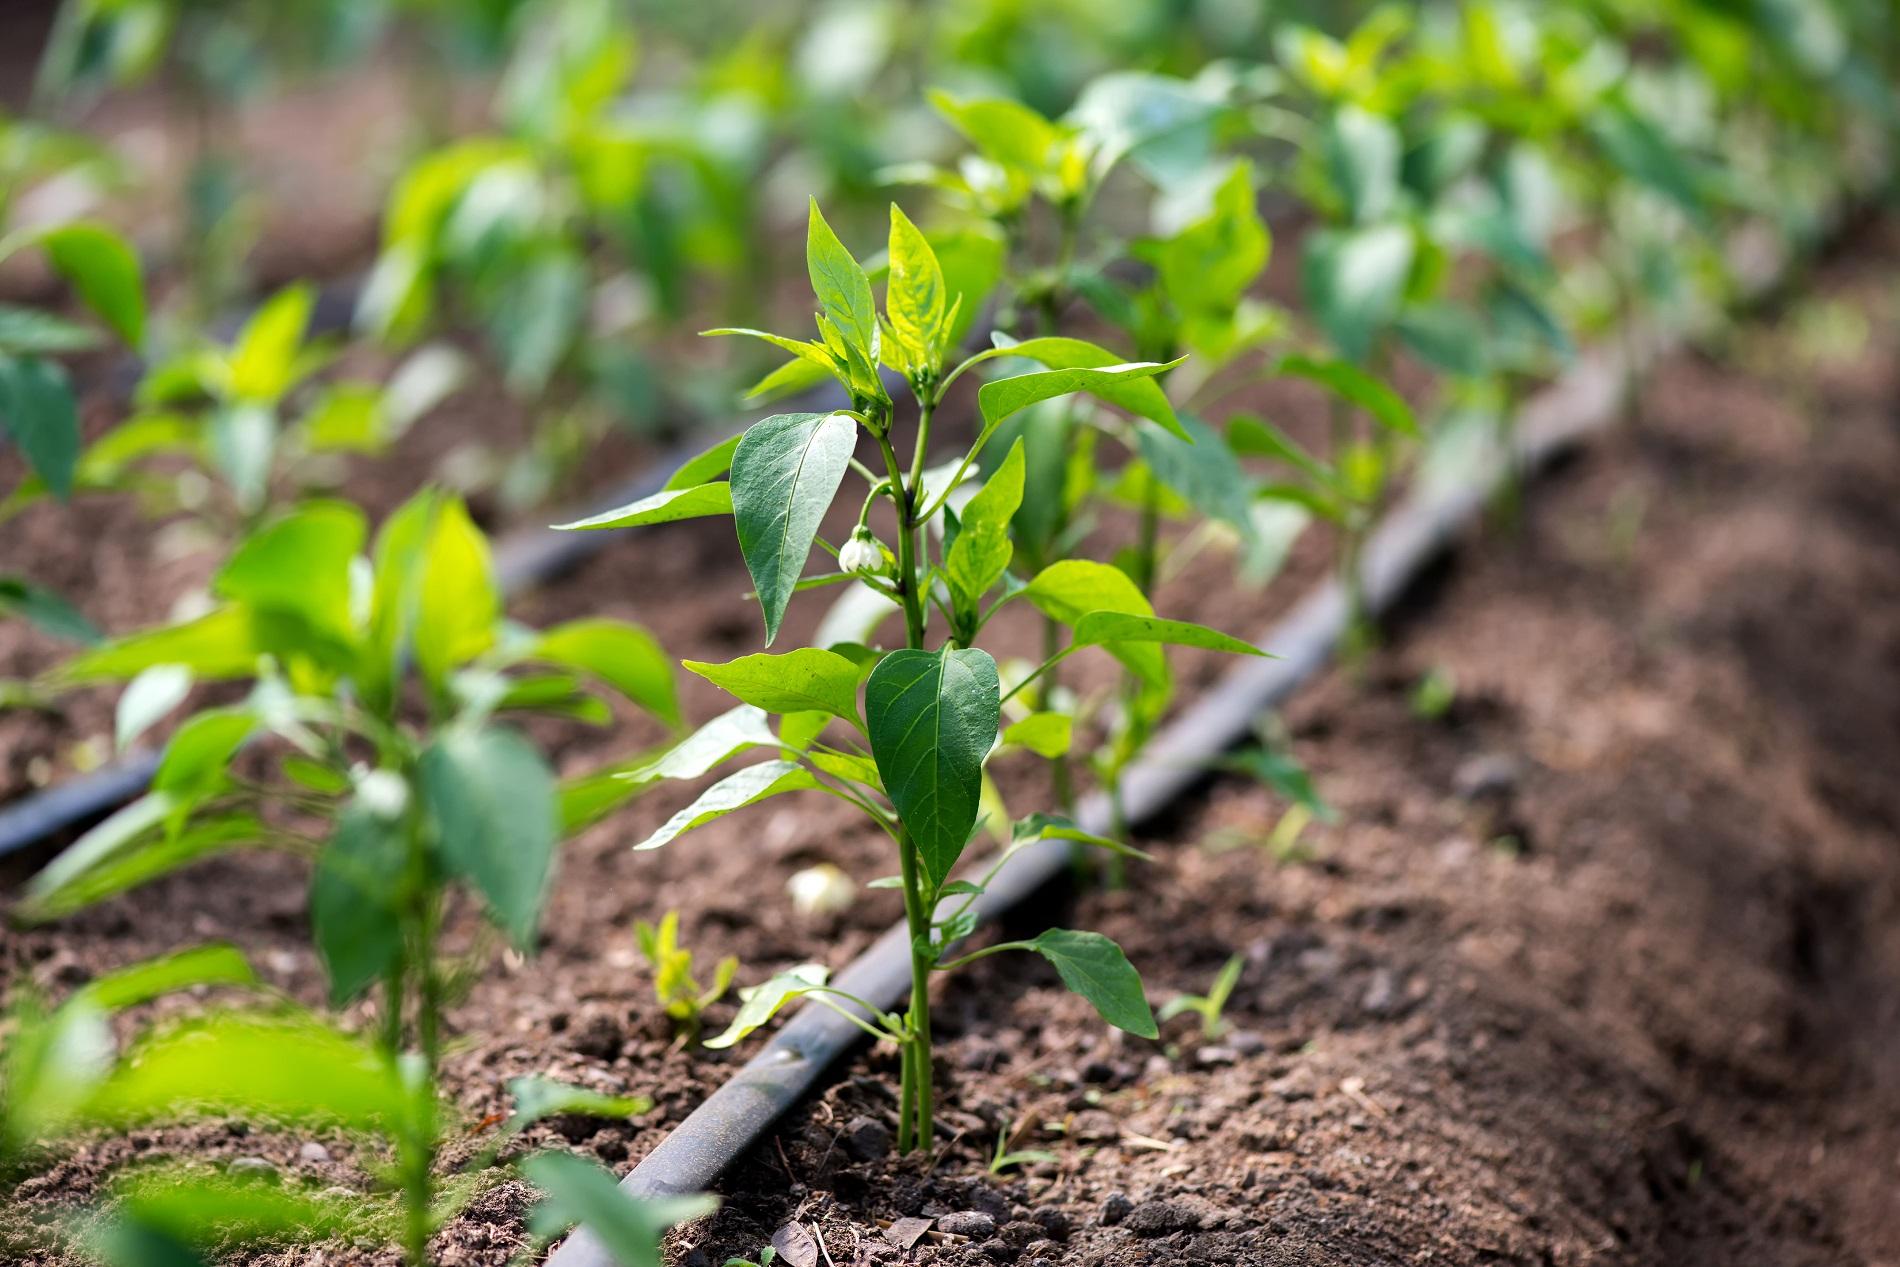 Buenas prácticas agrícolas: Sistemas eficientes para el riego de los cultivos